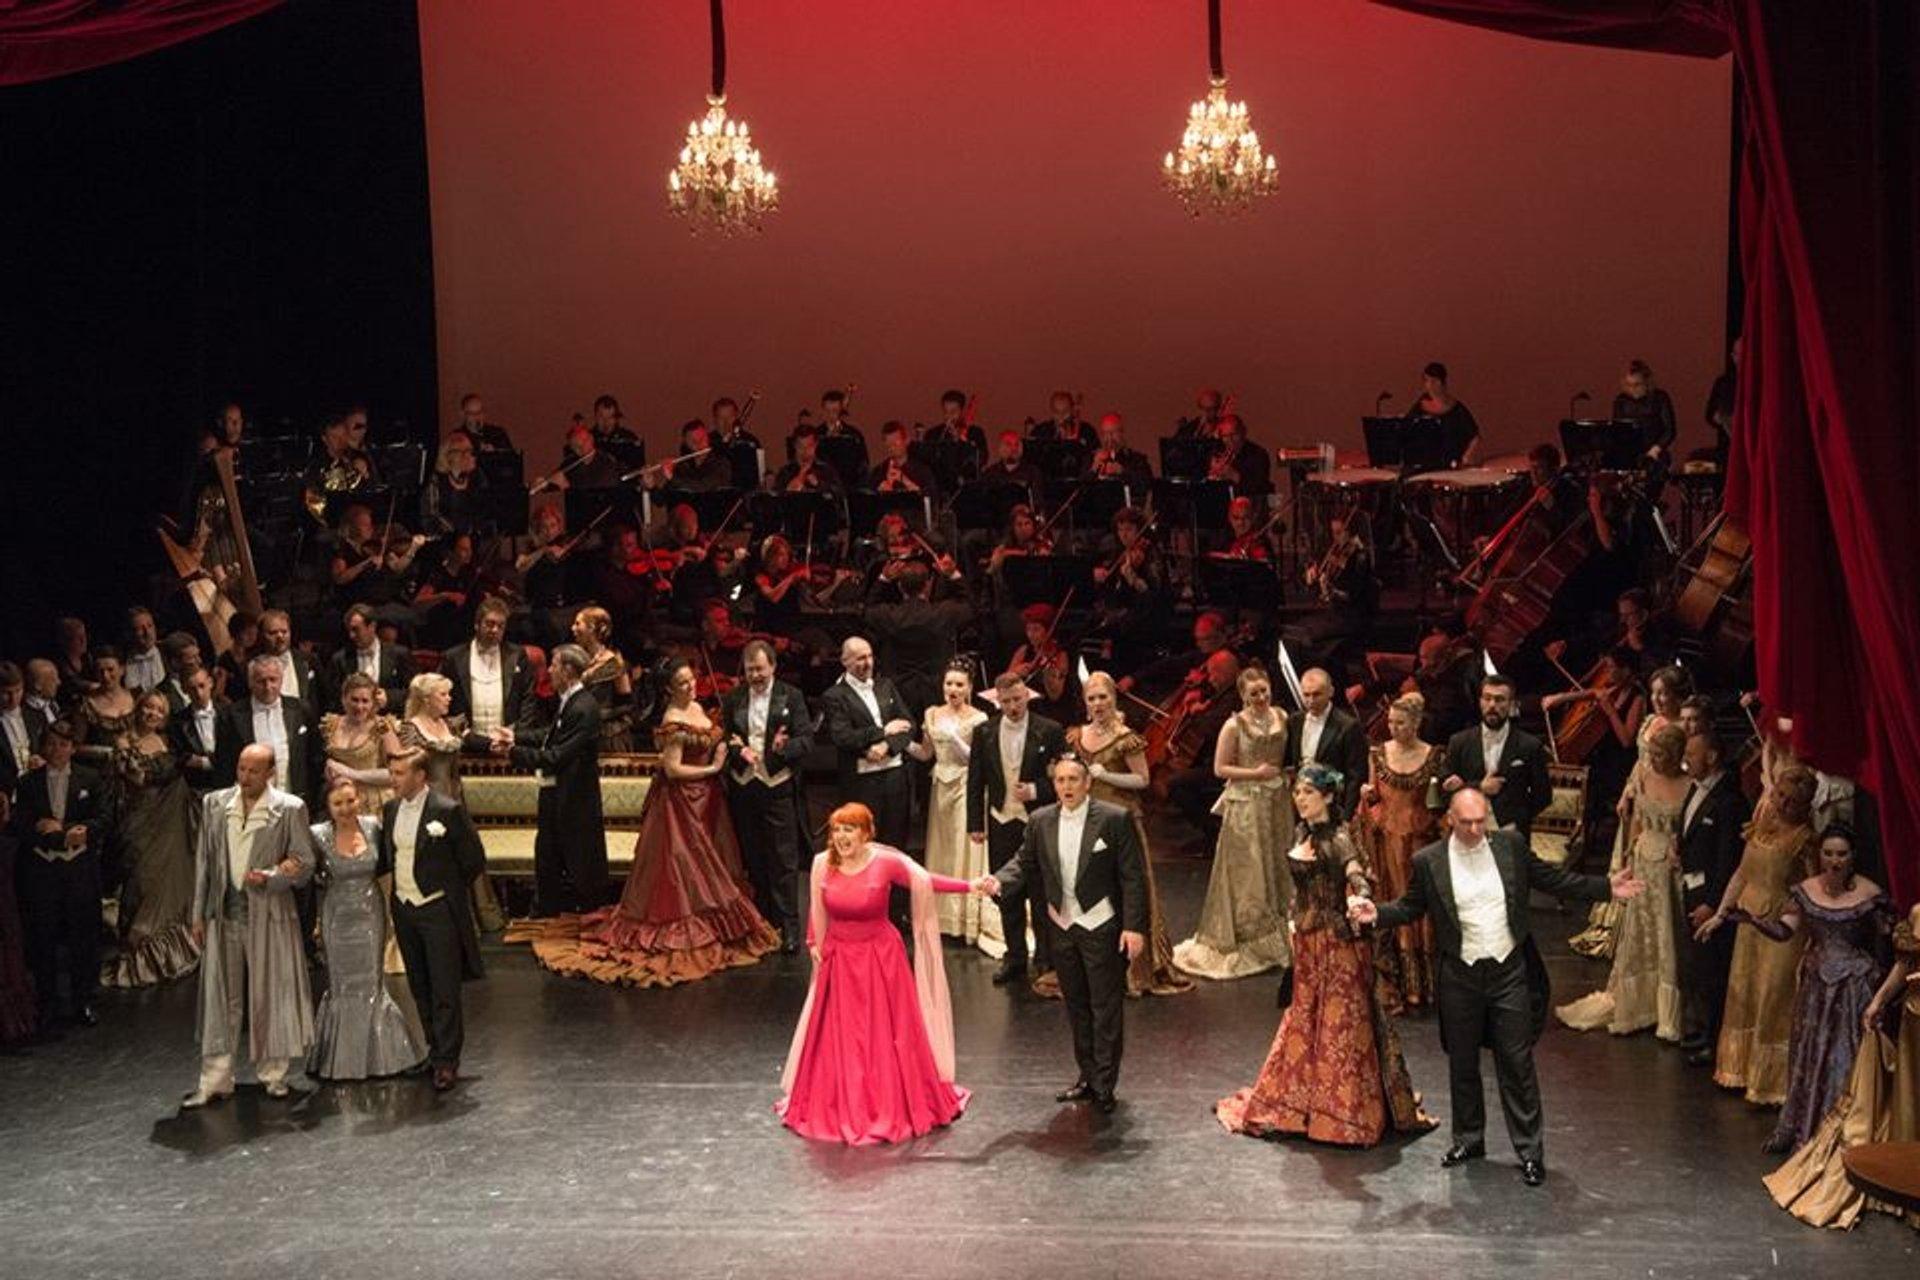 Summer Opera Festival in Krakow 2020 - Best Time